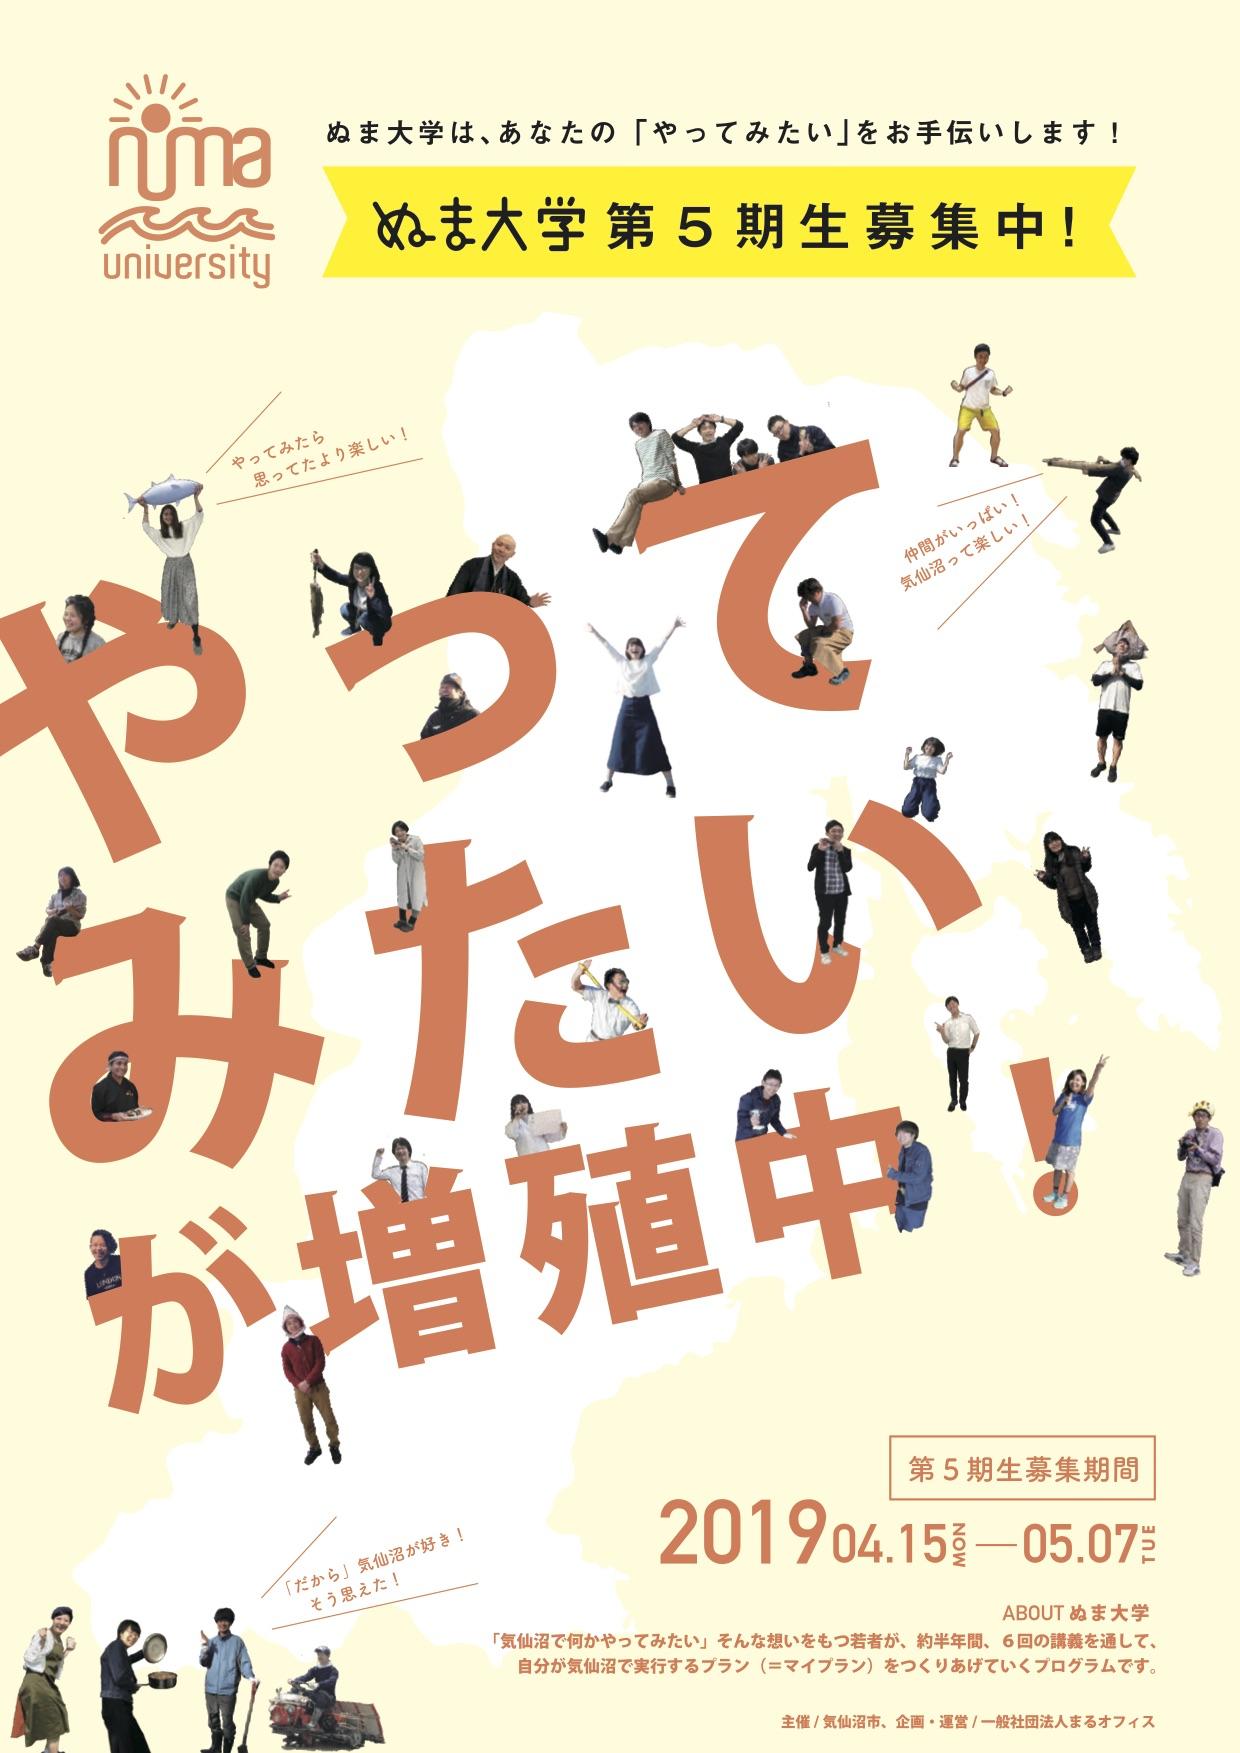 ぬま大学第5期生募集チラシ